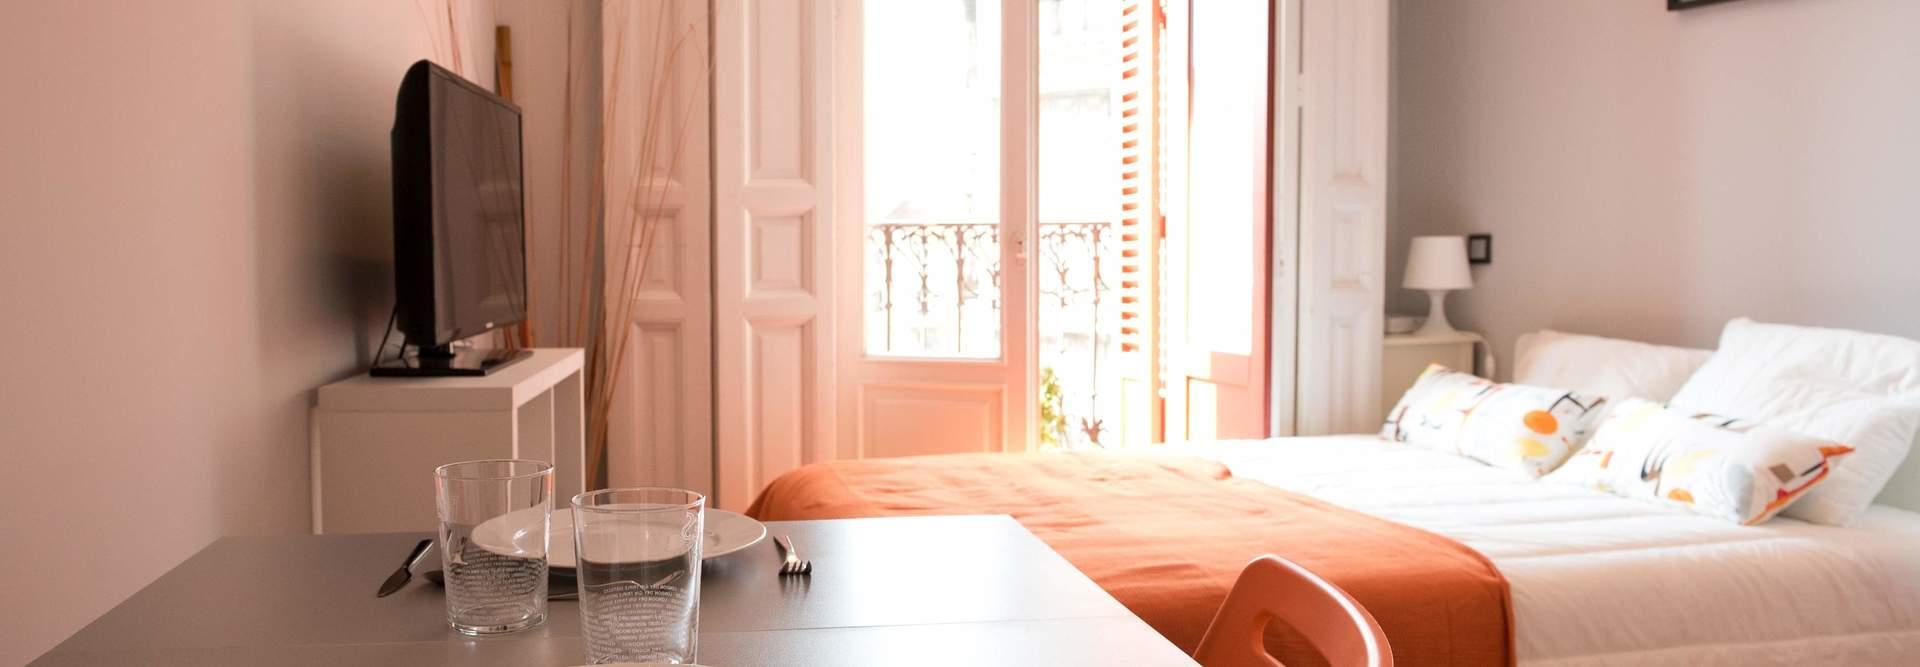 Alquiler de apartamentos en Madrid Centro Histórico